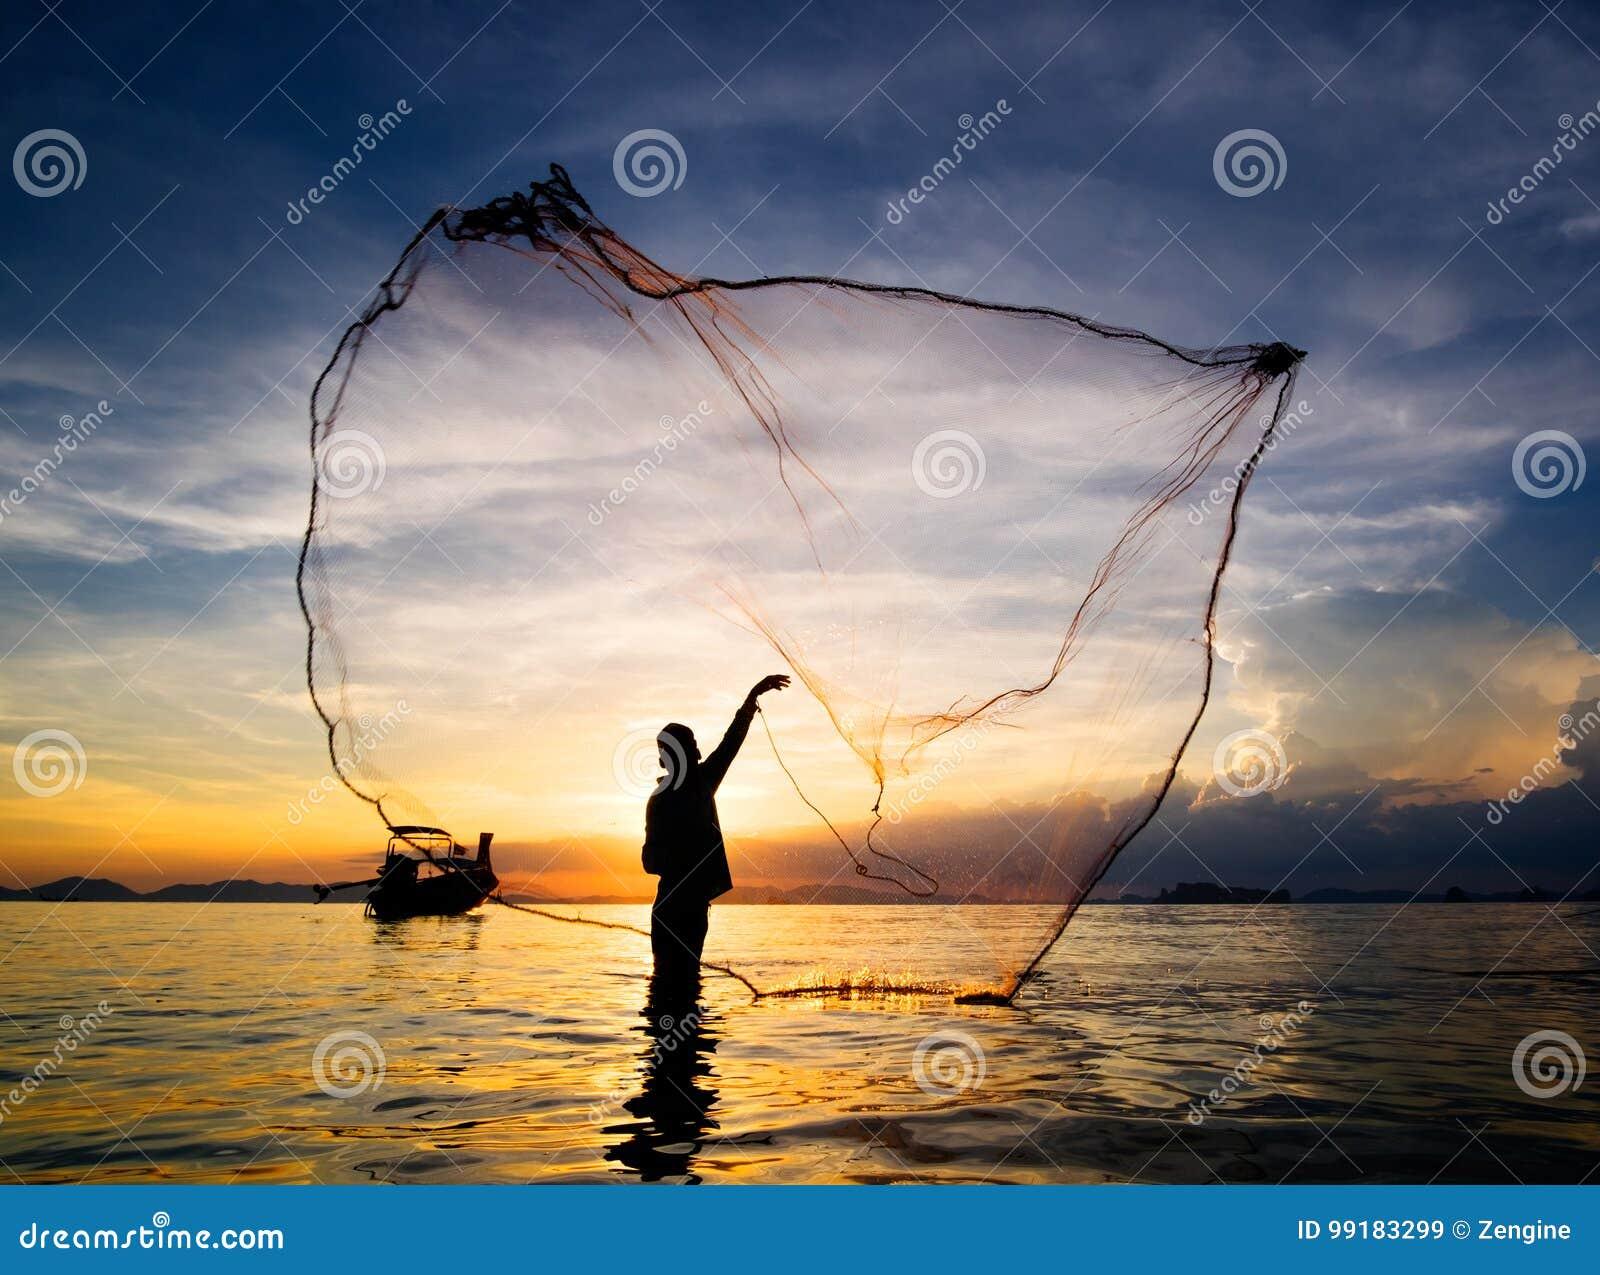 Σκιαγραφία του πετώντας διχτυού του ψαρέματος ψαράδων στη θάλασσα